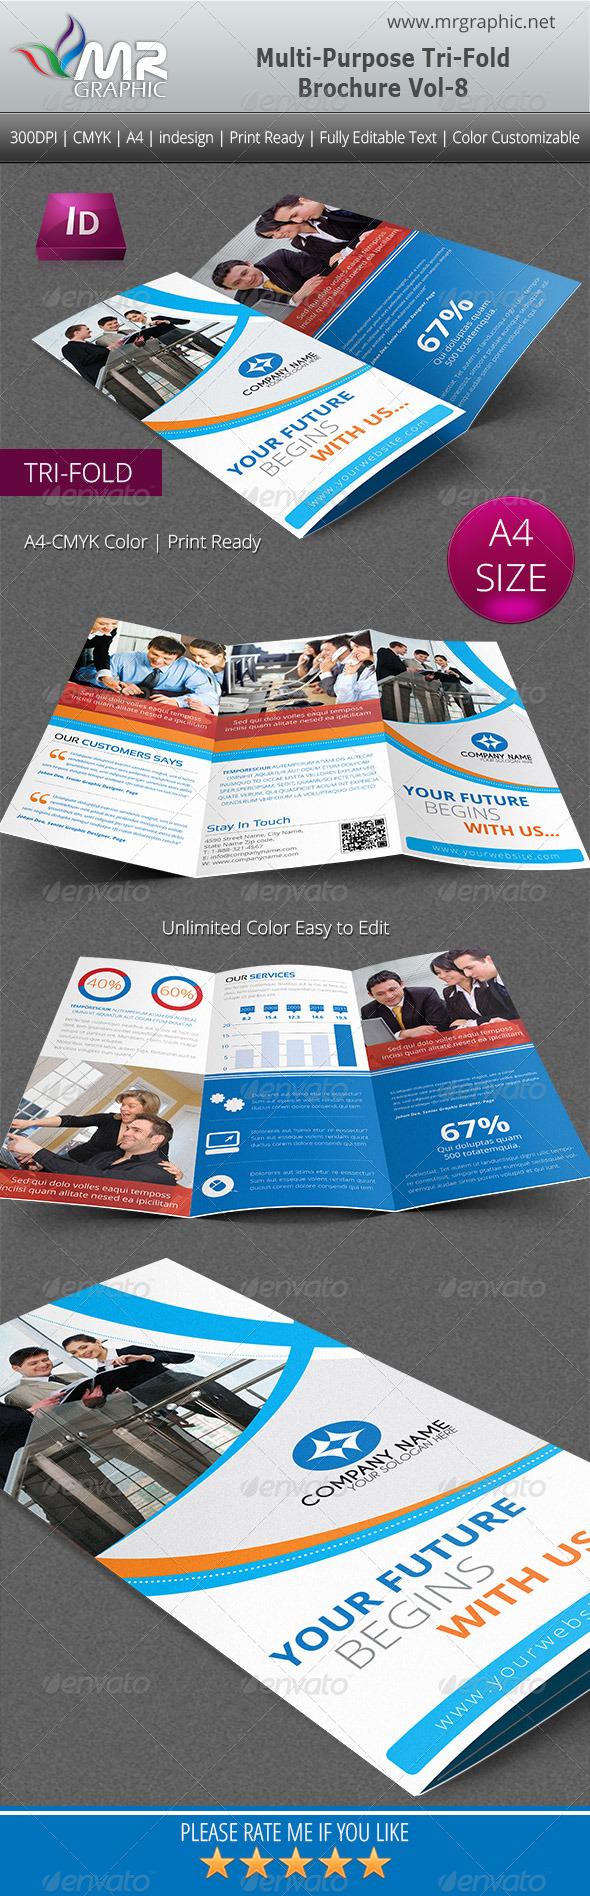 GraphicRiver Multipurpose Business Tri-Fold Brochure Vol-8 5116850